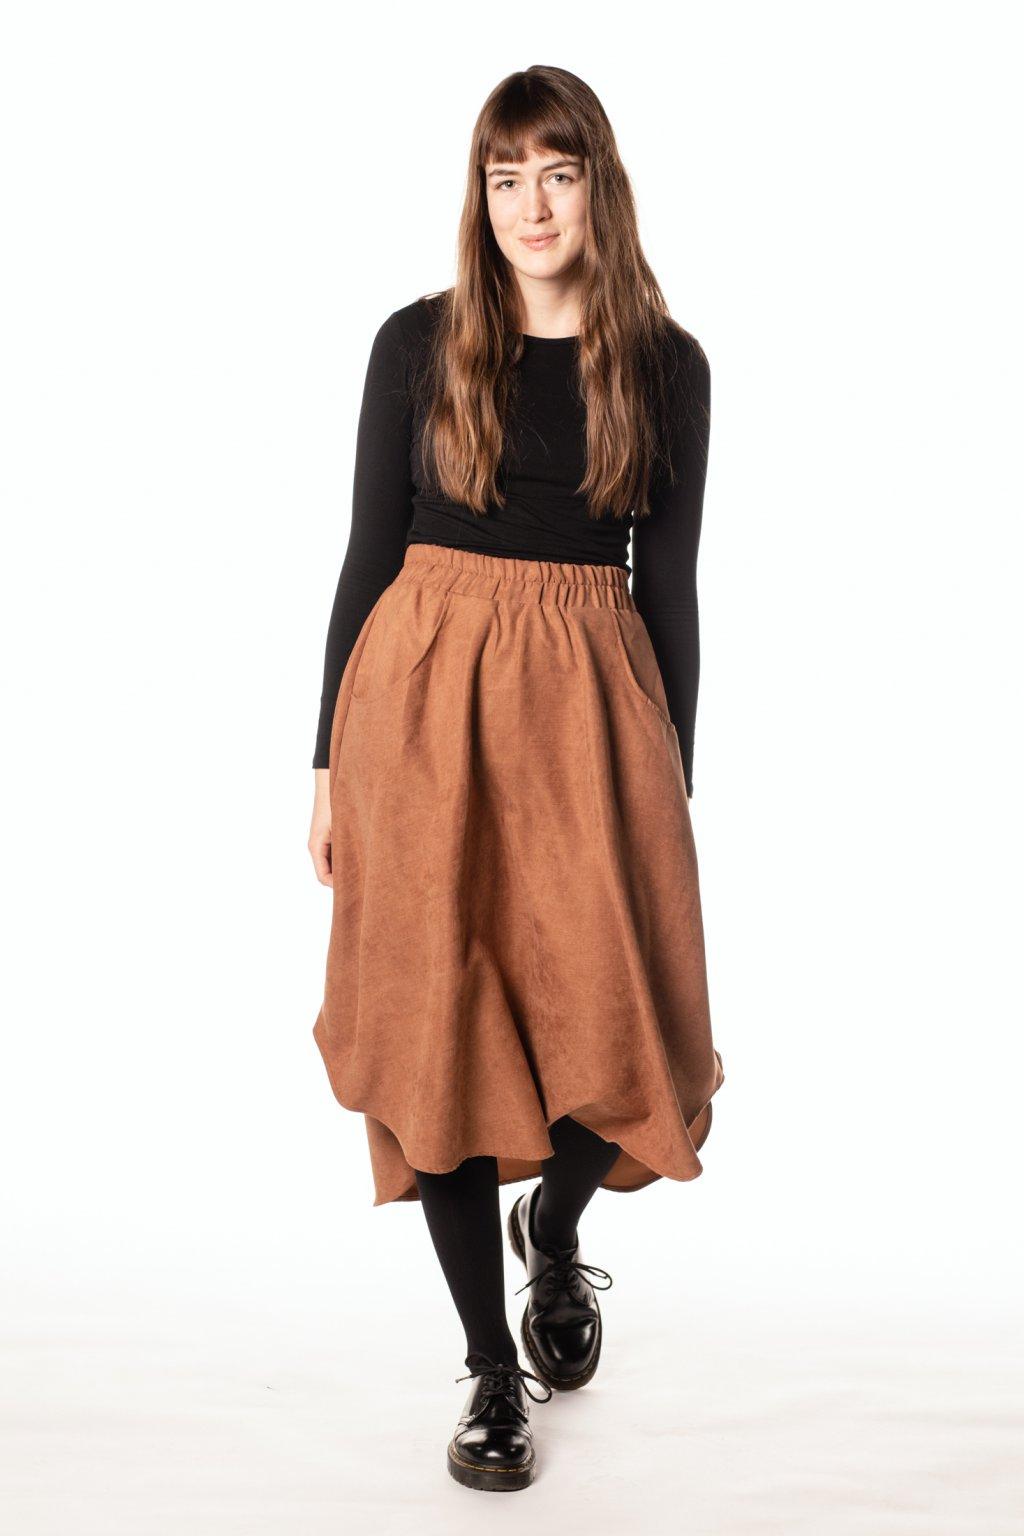 HNĚDÁ asymetrická sukně (manšestr jemný)